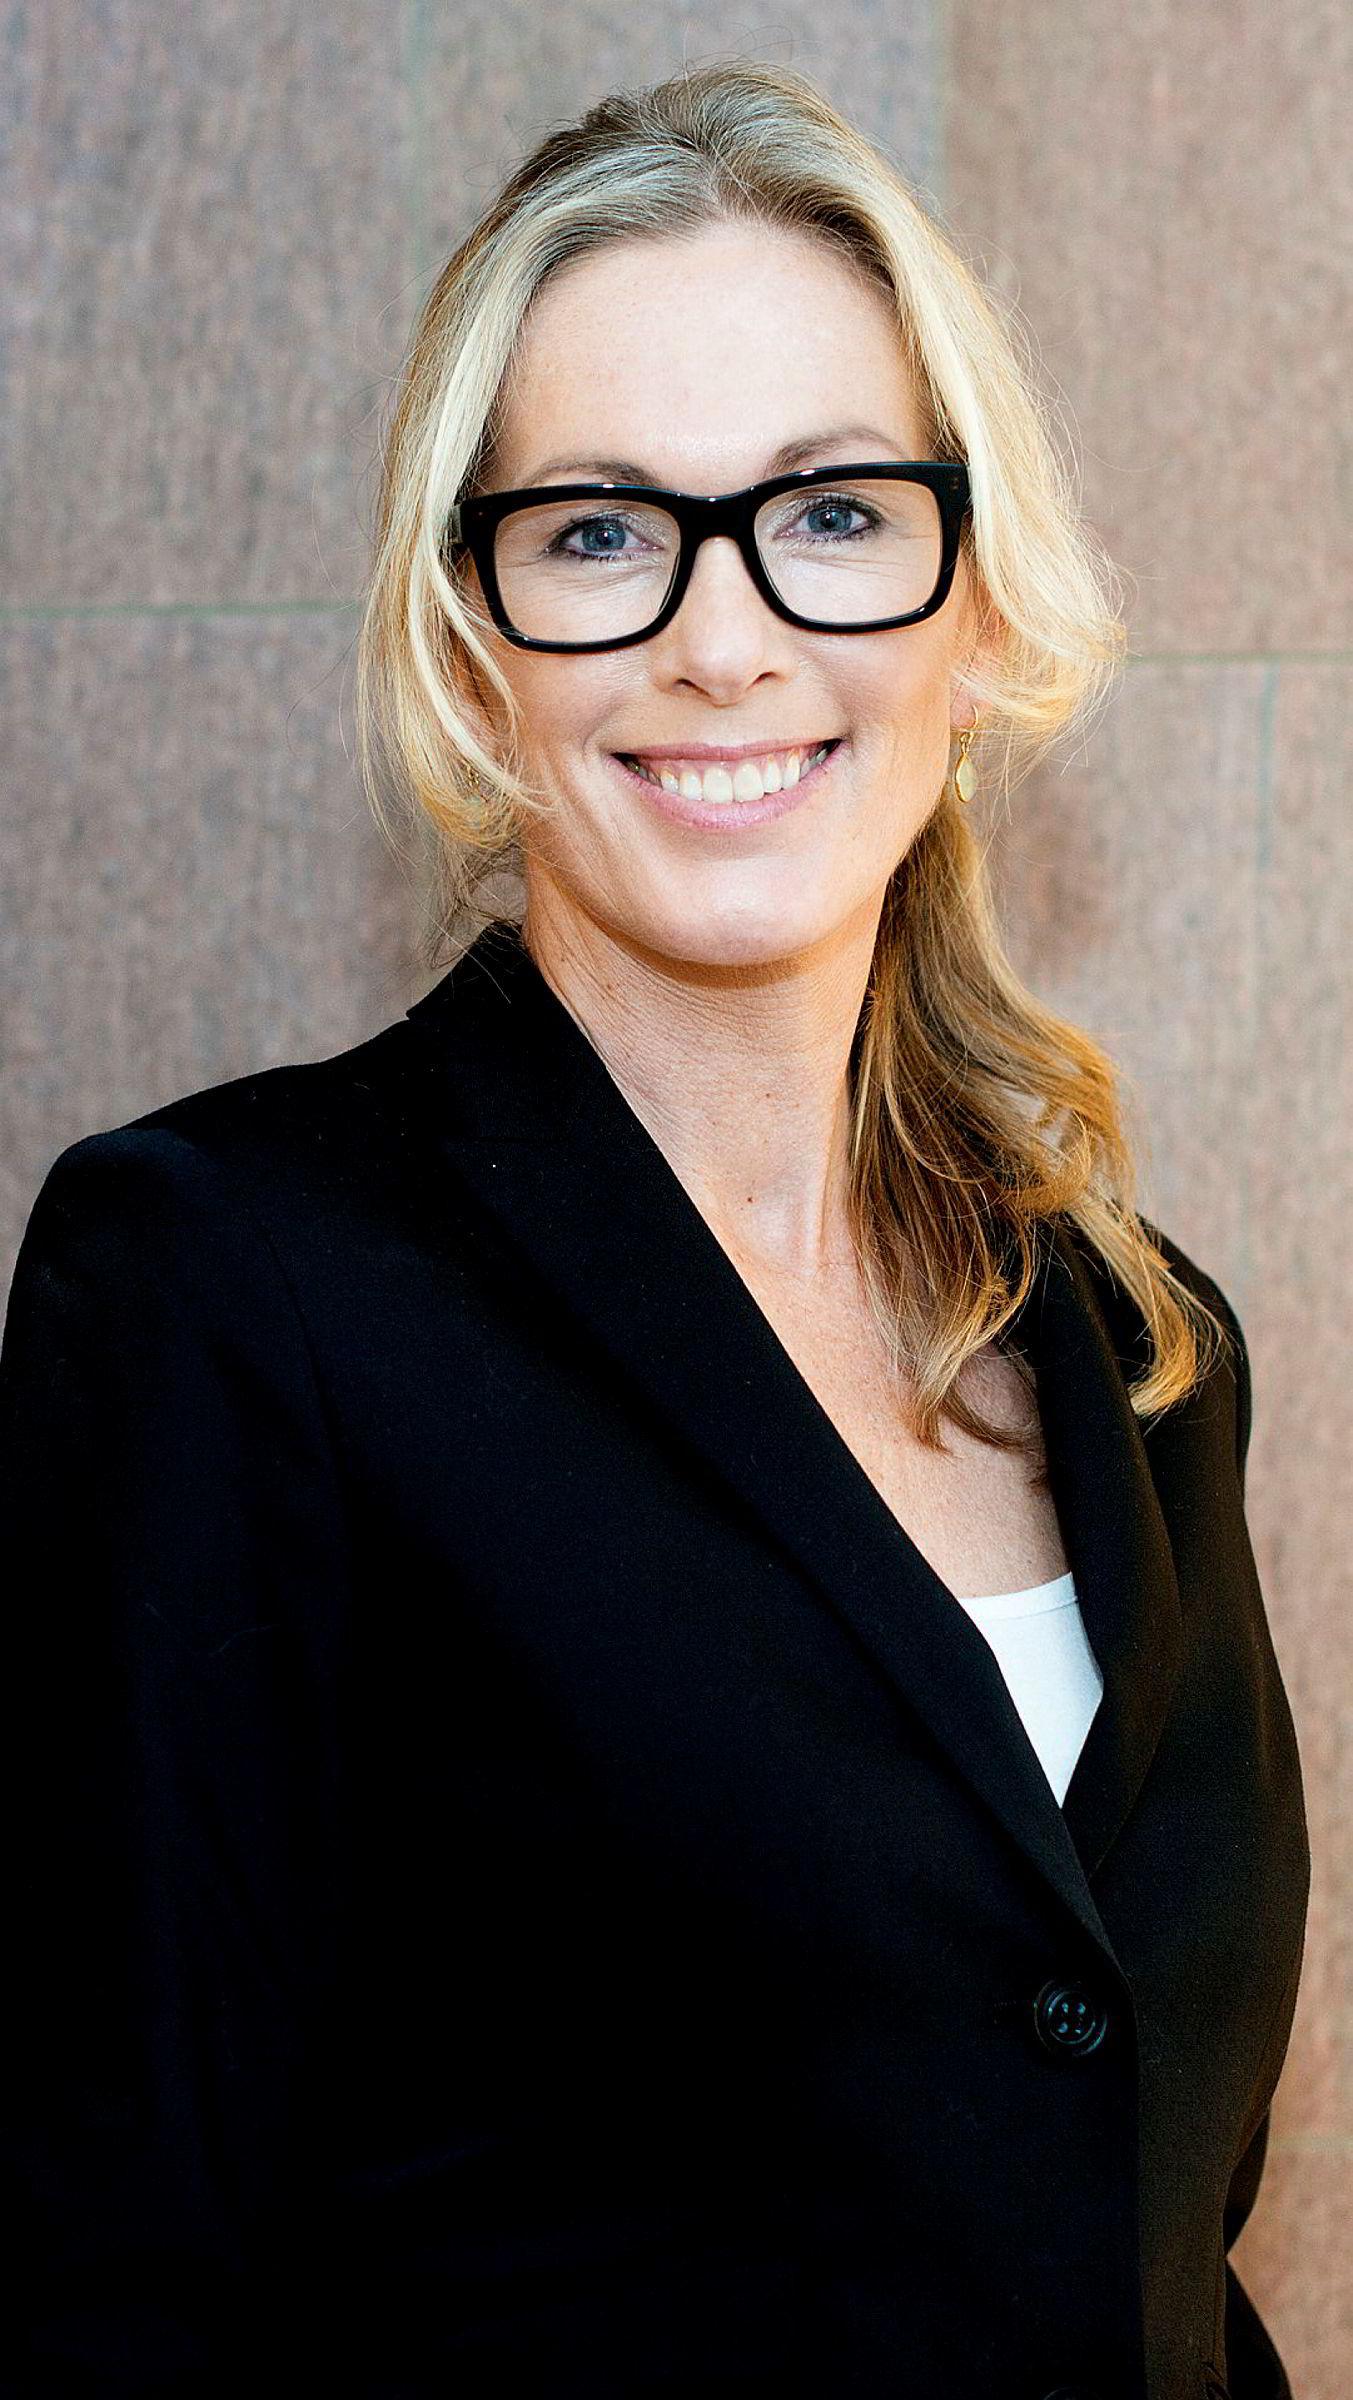 Det har stormet rundt Innovasjon Norge den siste måneden. Styrets tidligere leder ønsket å ta opp posisjonen til Anita Krohn Traaseth.